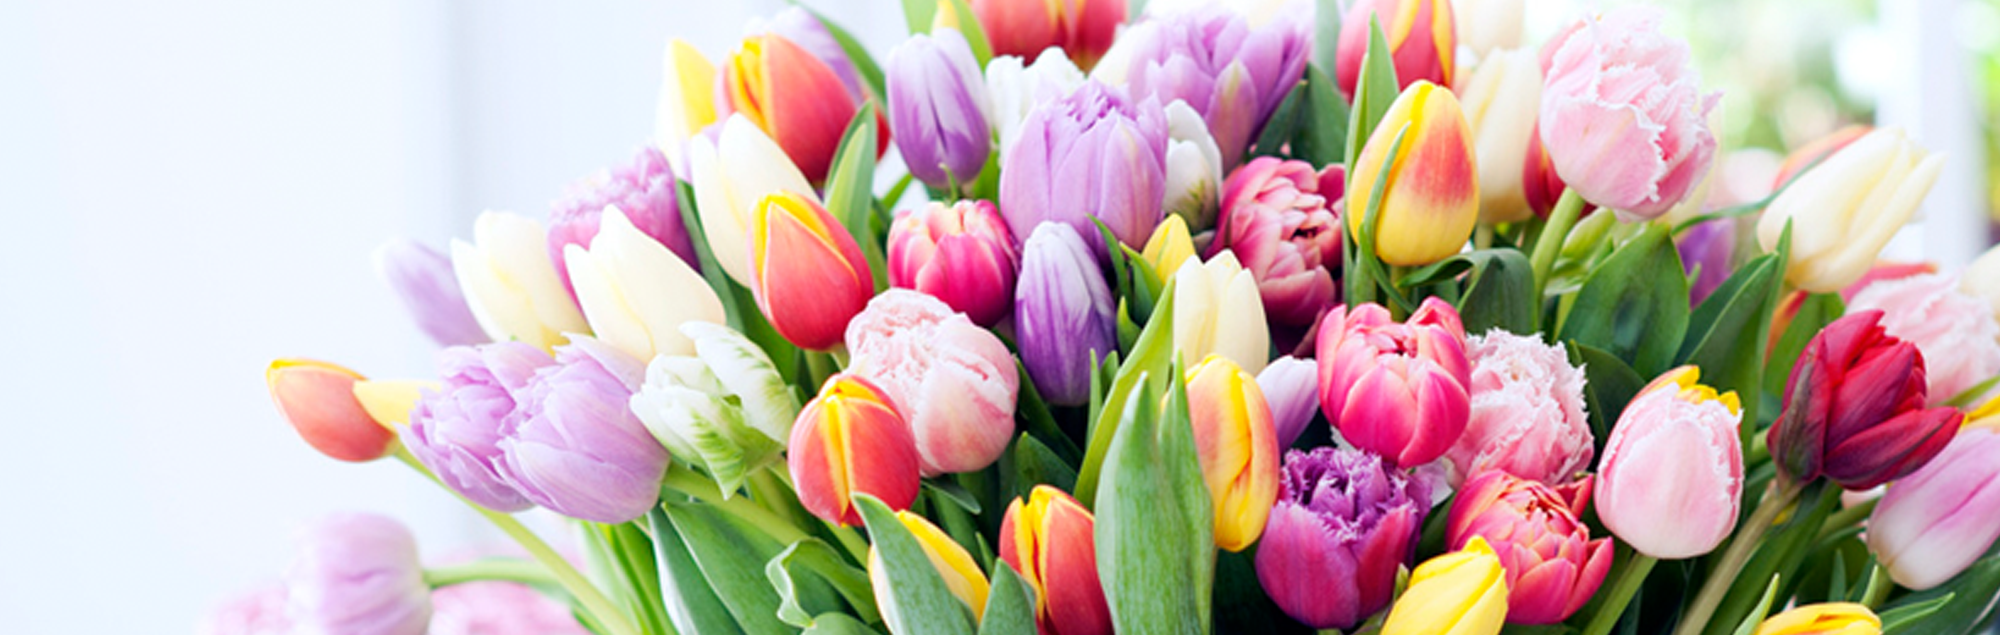 Voorjaarsbloemen HJ de Mooij